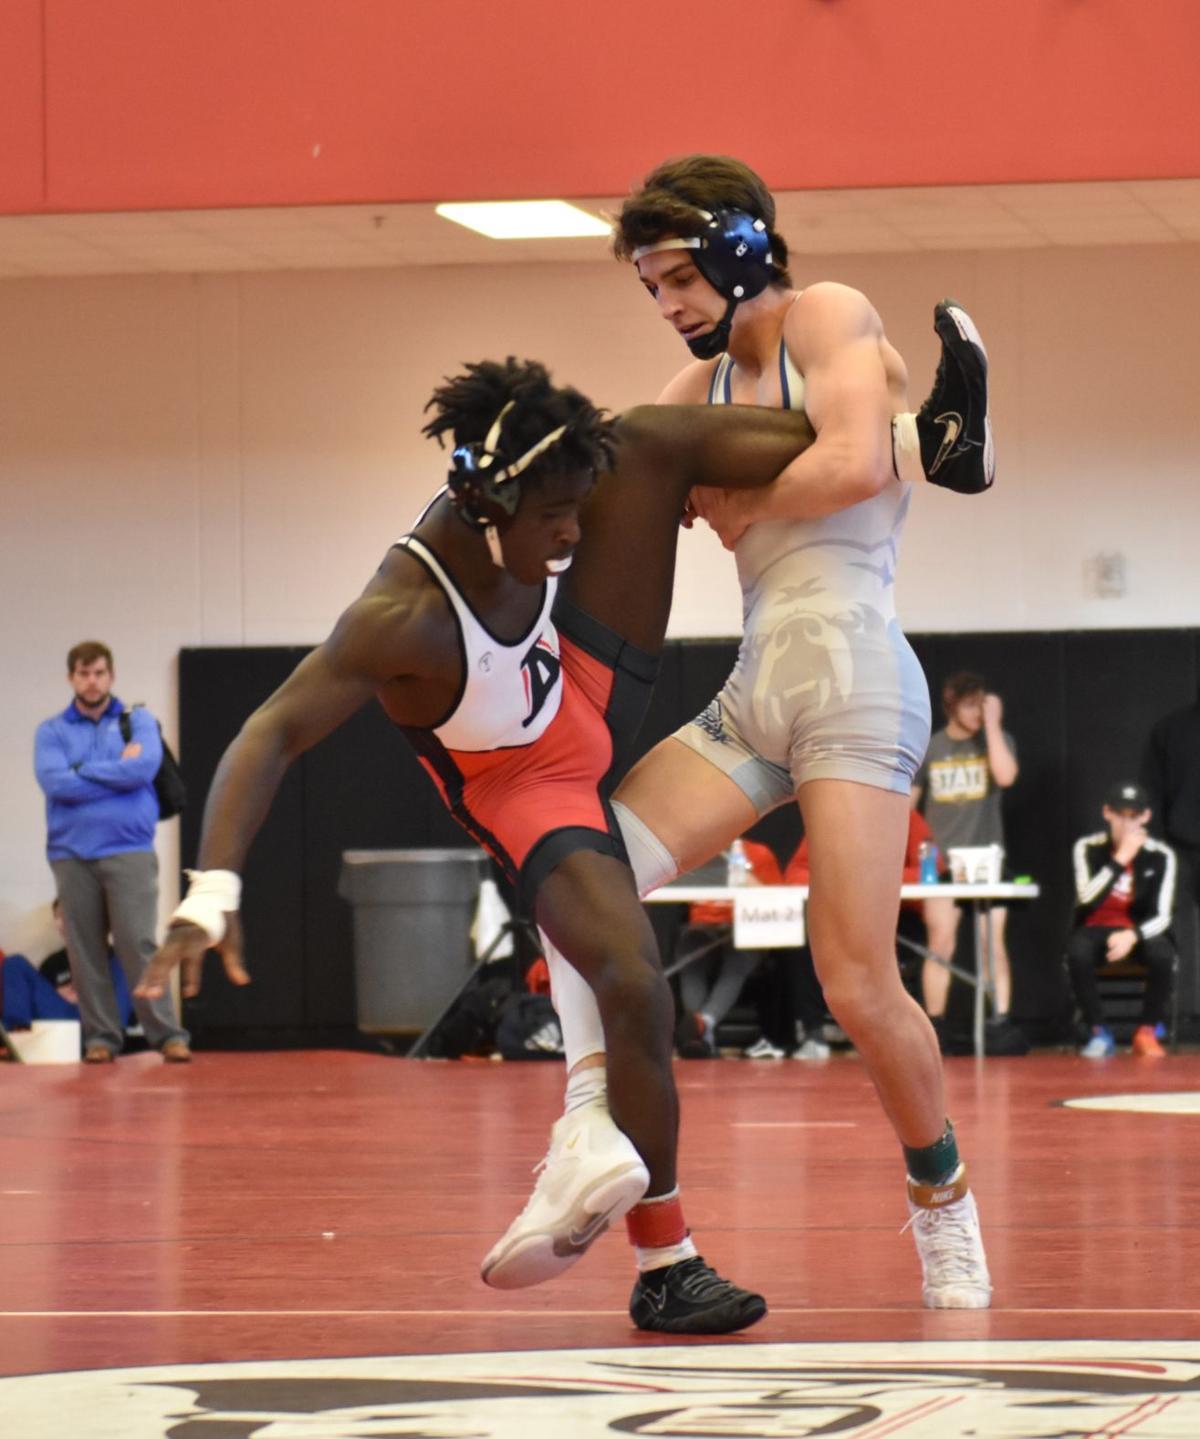 Kyle Romano Finals Round